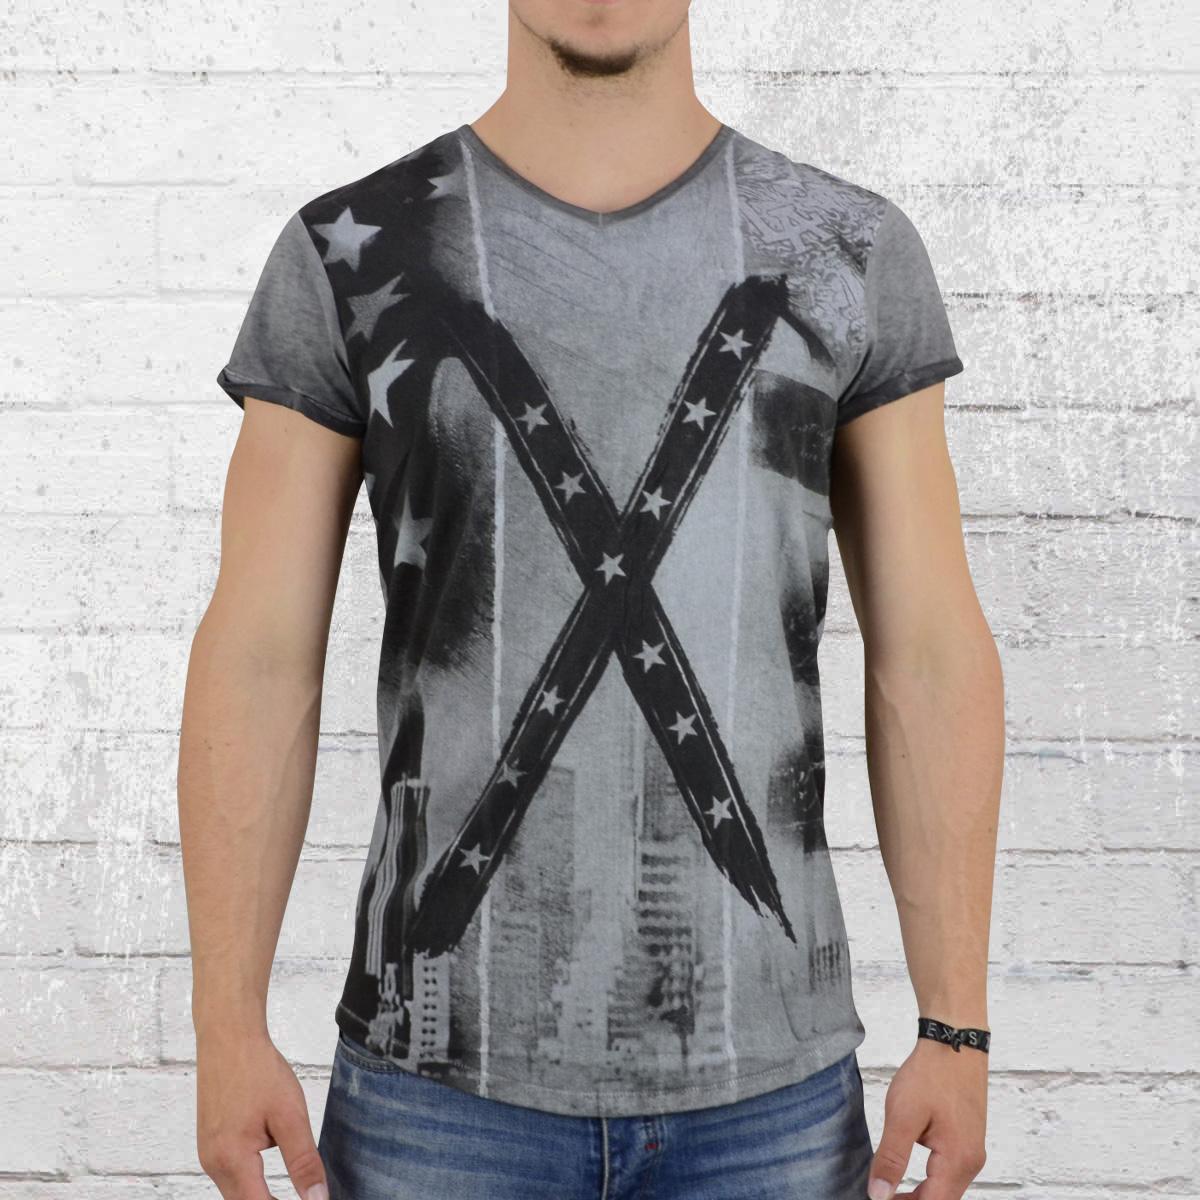 8defde6d2b36 Jetzt bestellen   Trueprodigy Männer T-Shirt Big Flag anthrazit ...